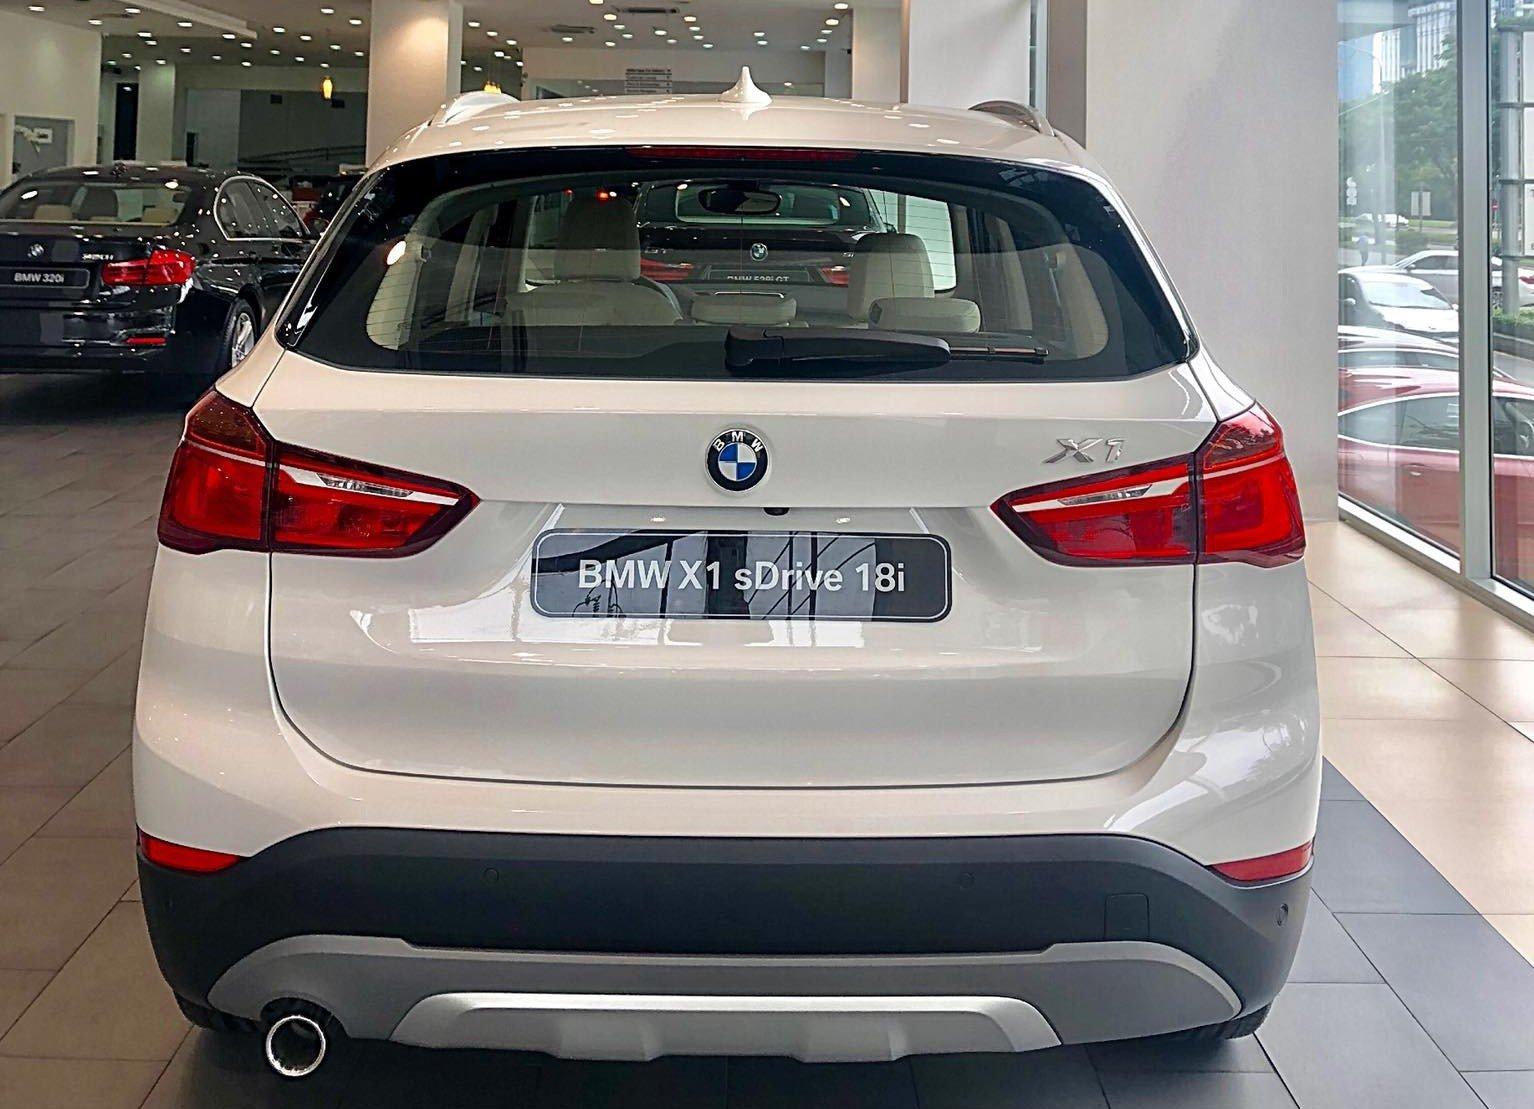 Đánh giá xe BMW X1 2019 về thiết kế đuôi xe.